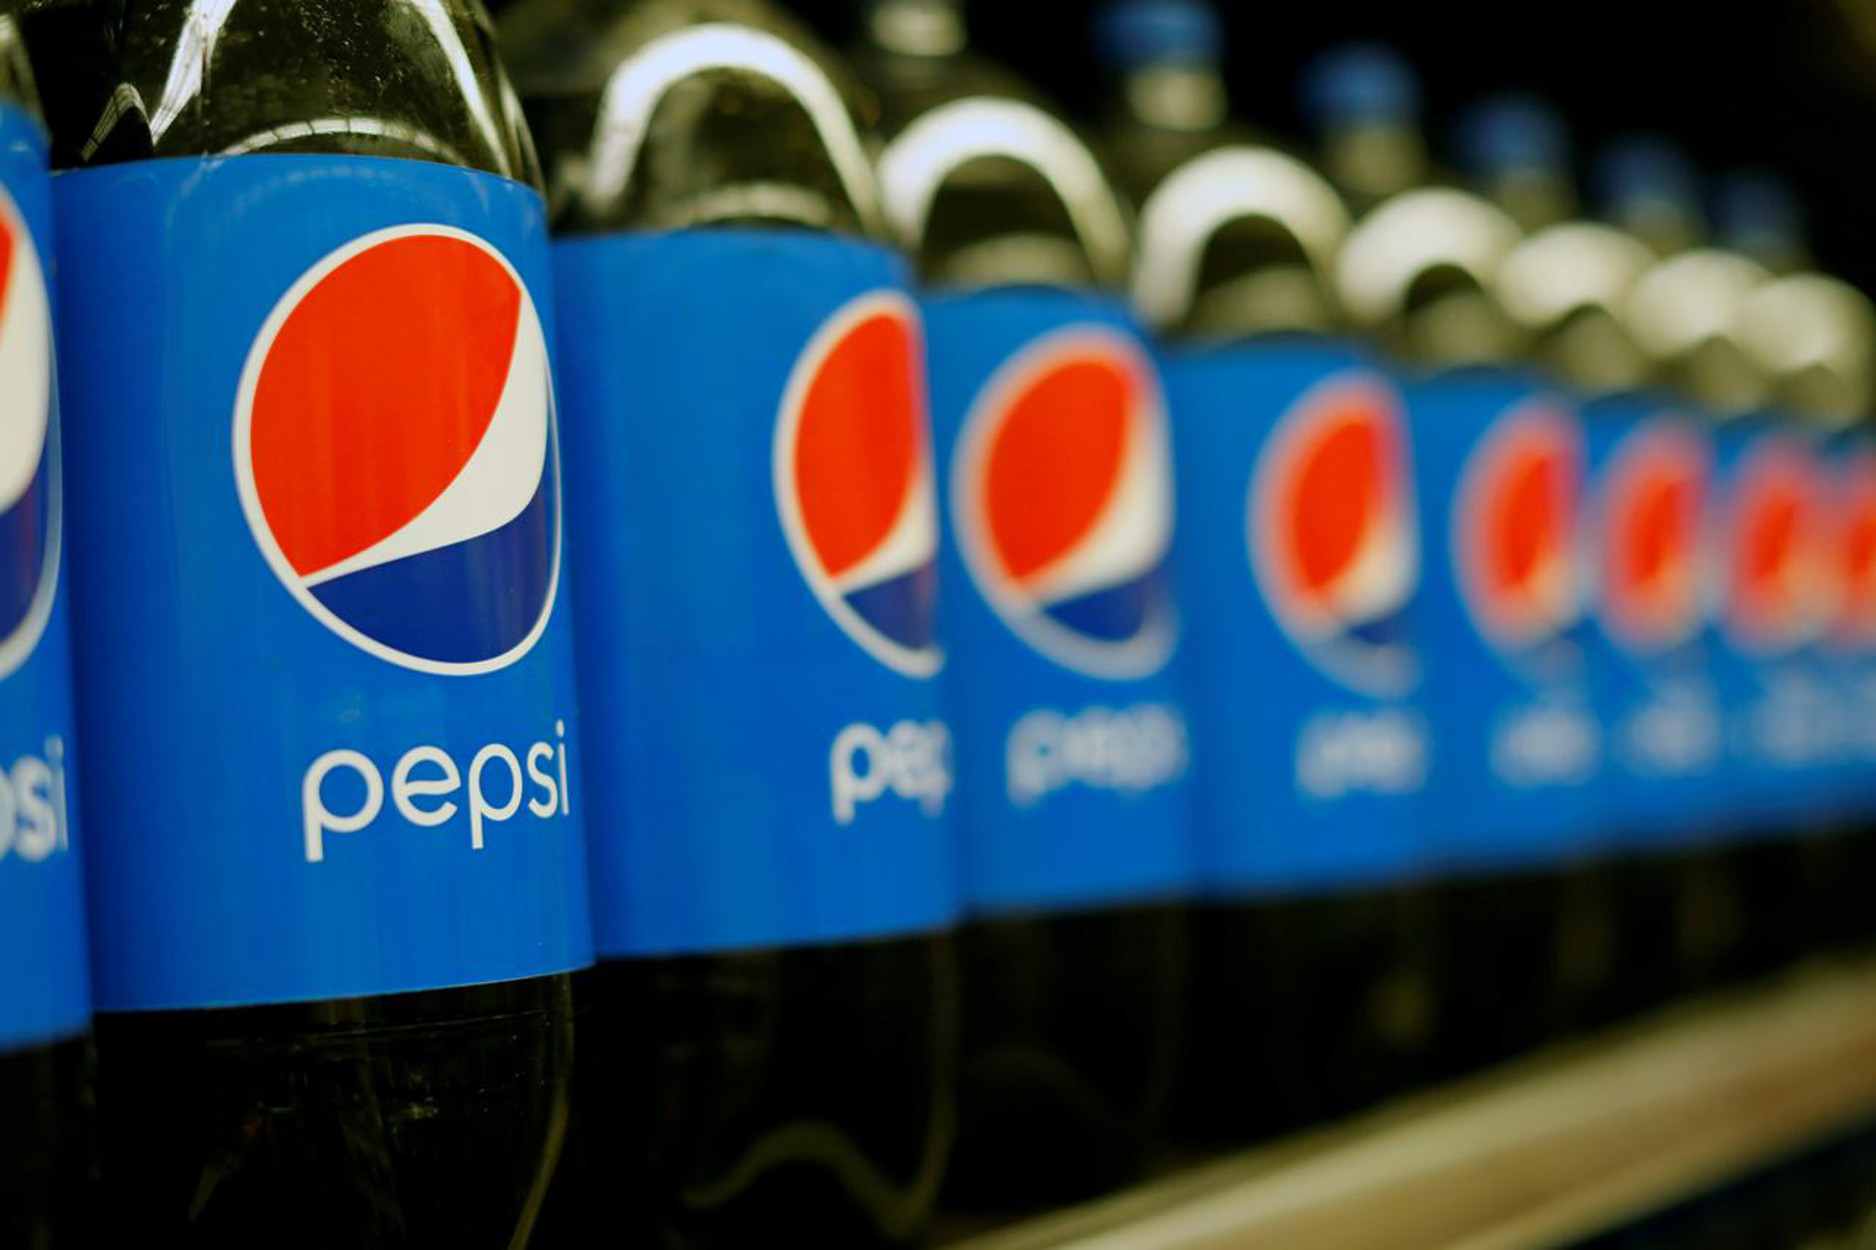 Πεκίνο: Κλείνει το εργοστάσιο της Pepsi λόγω κρούσματος κορονοϊού